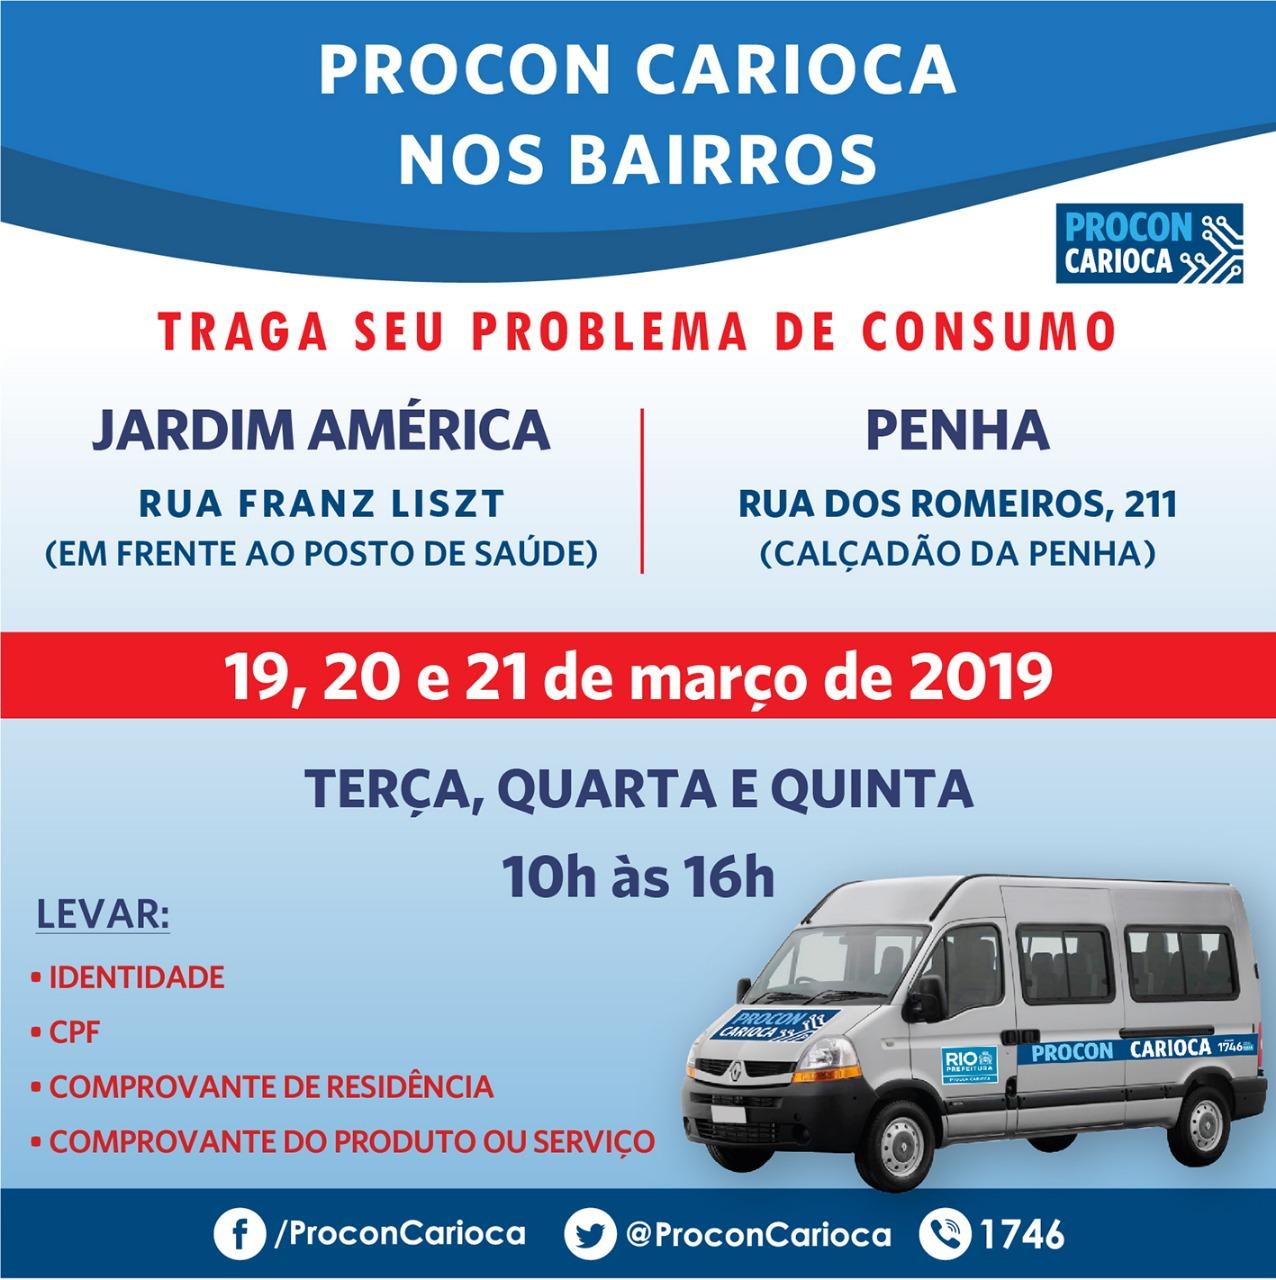 Procon Carioca atende no Jardim América e na Penha